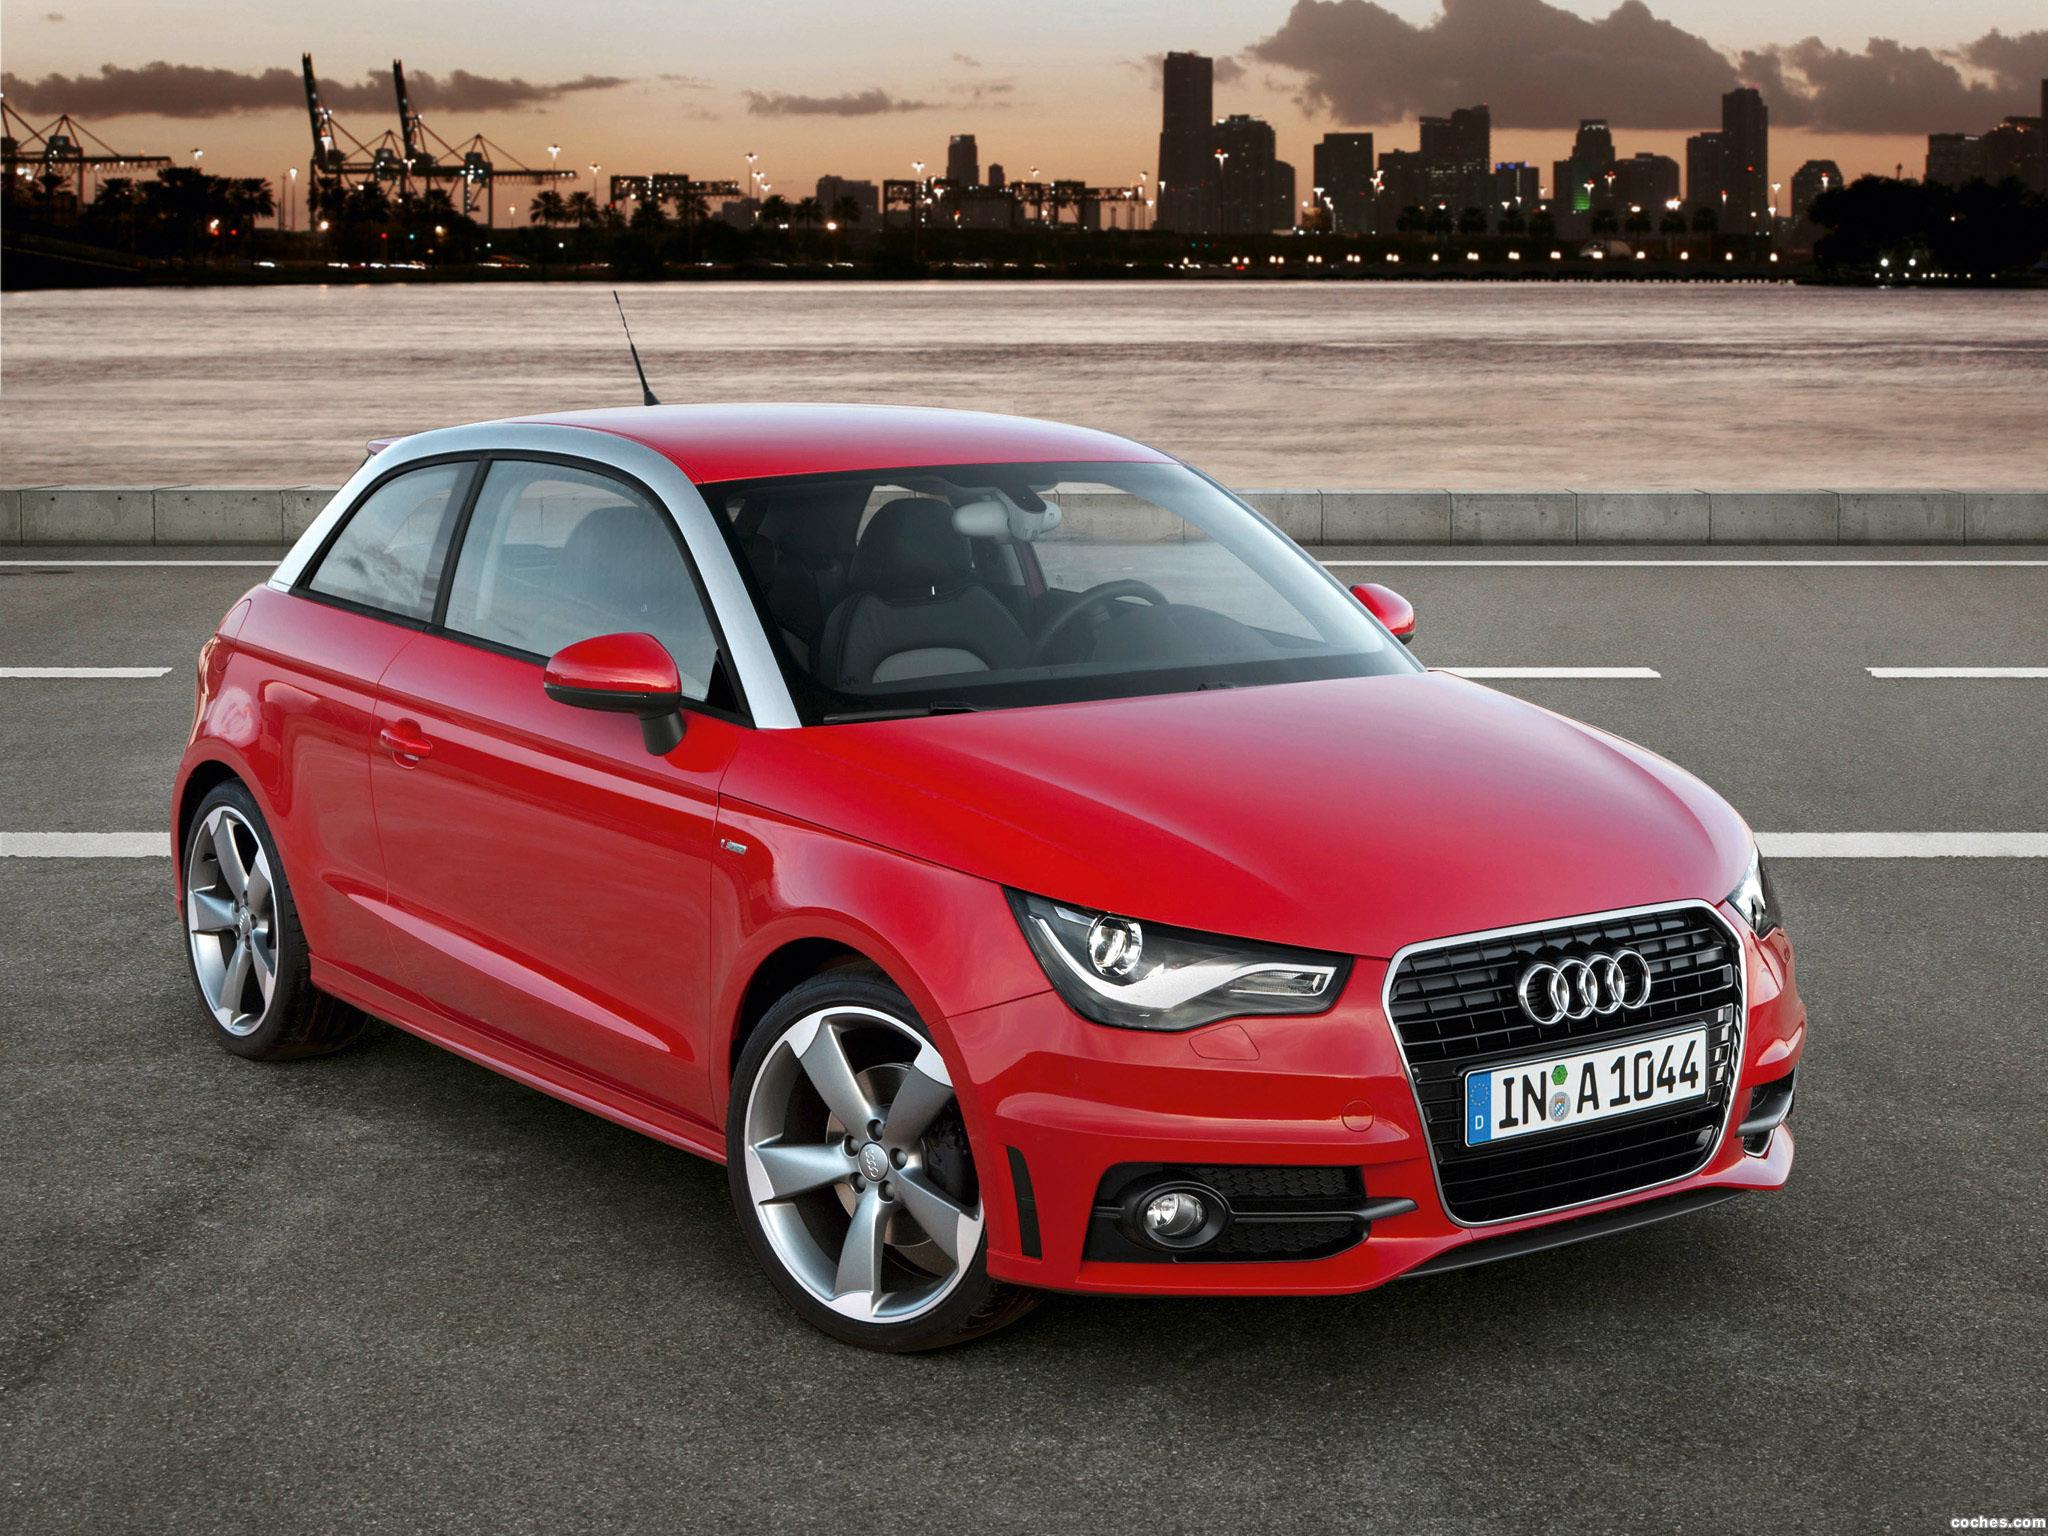 Foto 0 de Audi A1 S-Line 2010